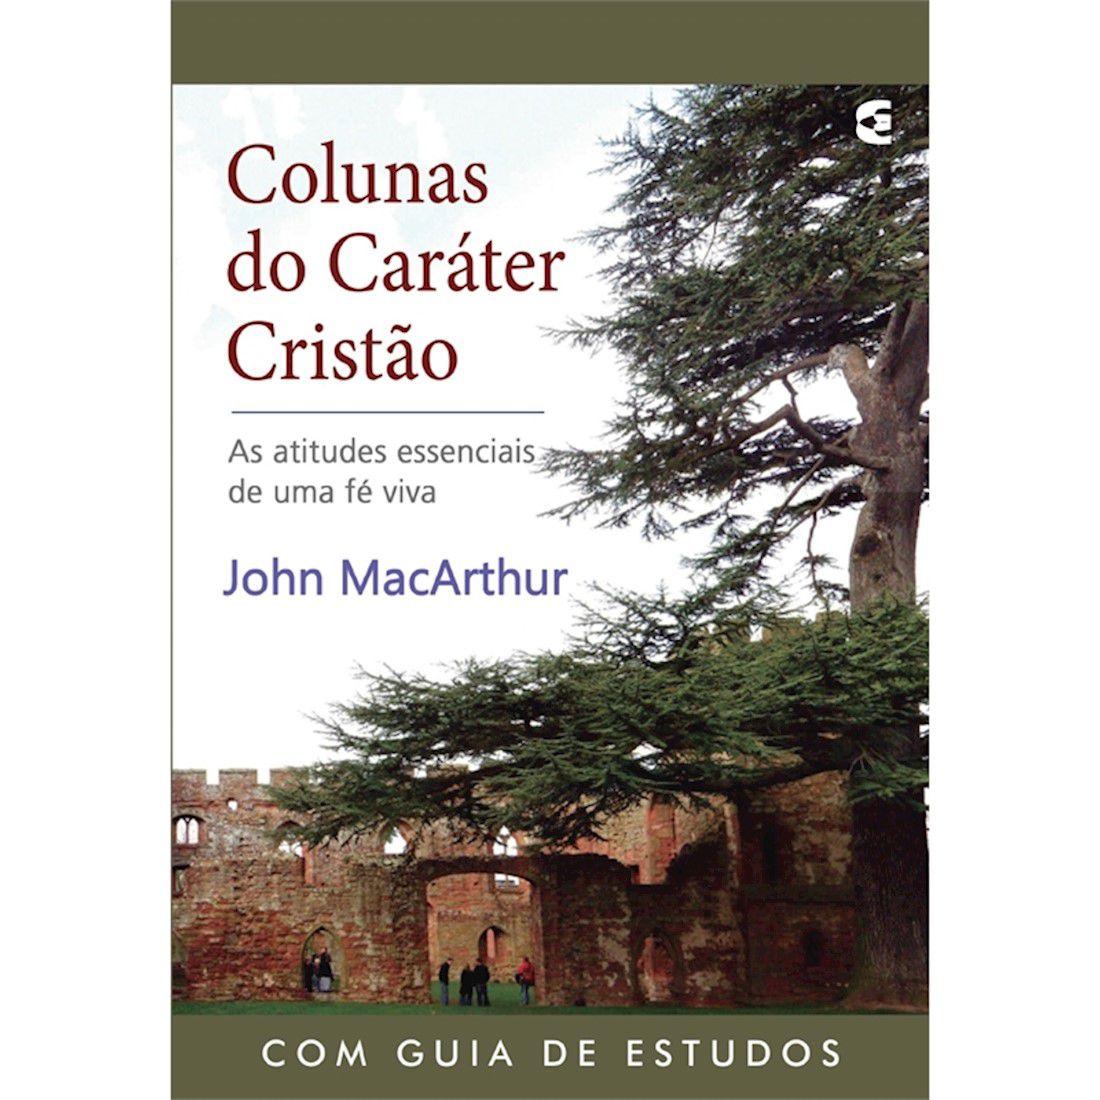 Livro Colunas do Caráter Cristão - Com Guia de Estudos